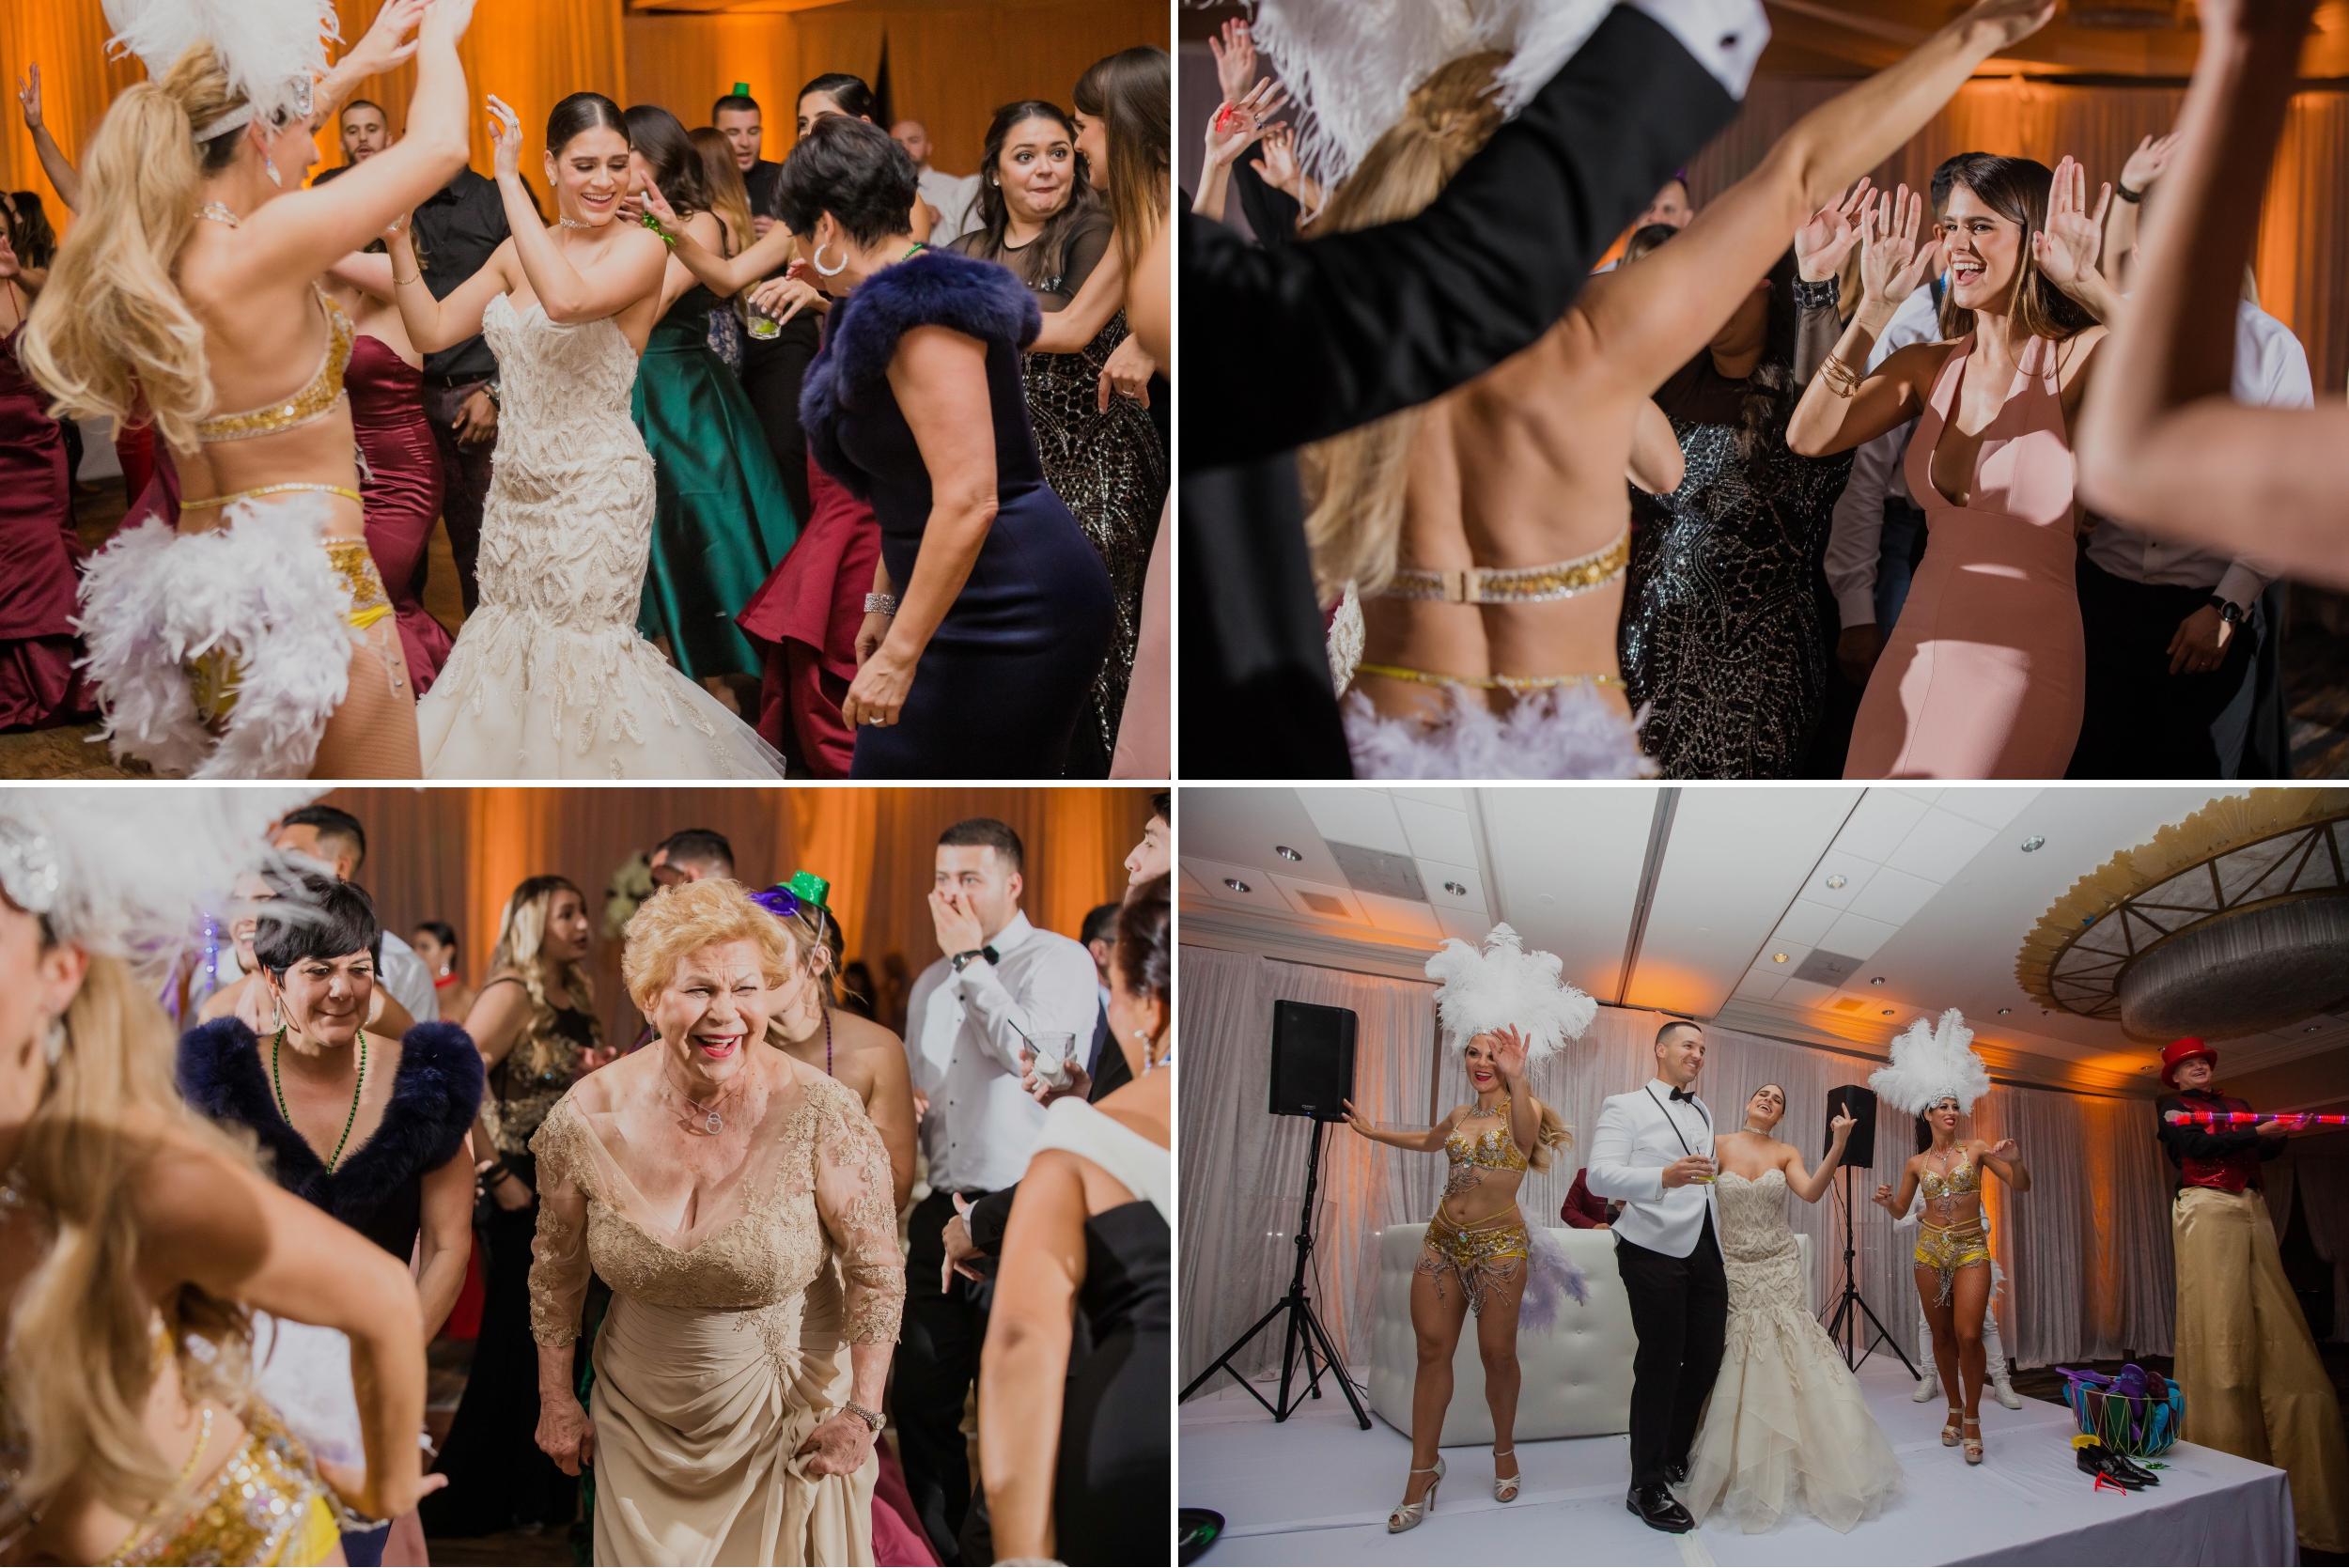 Wedding Biscayne Bay Marriott - Cassie and Jose 20.jpg